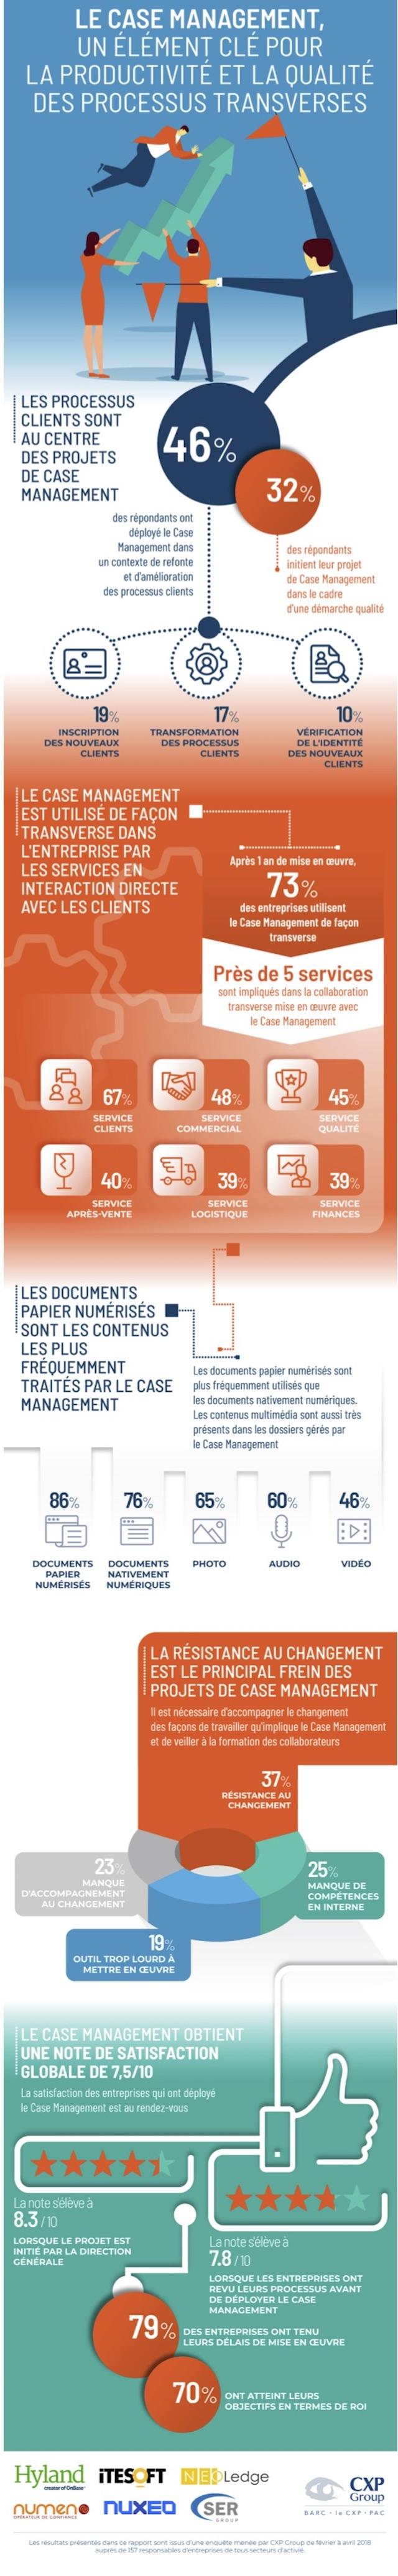 cxp_infographie_case-management info